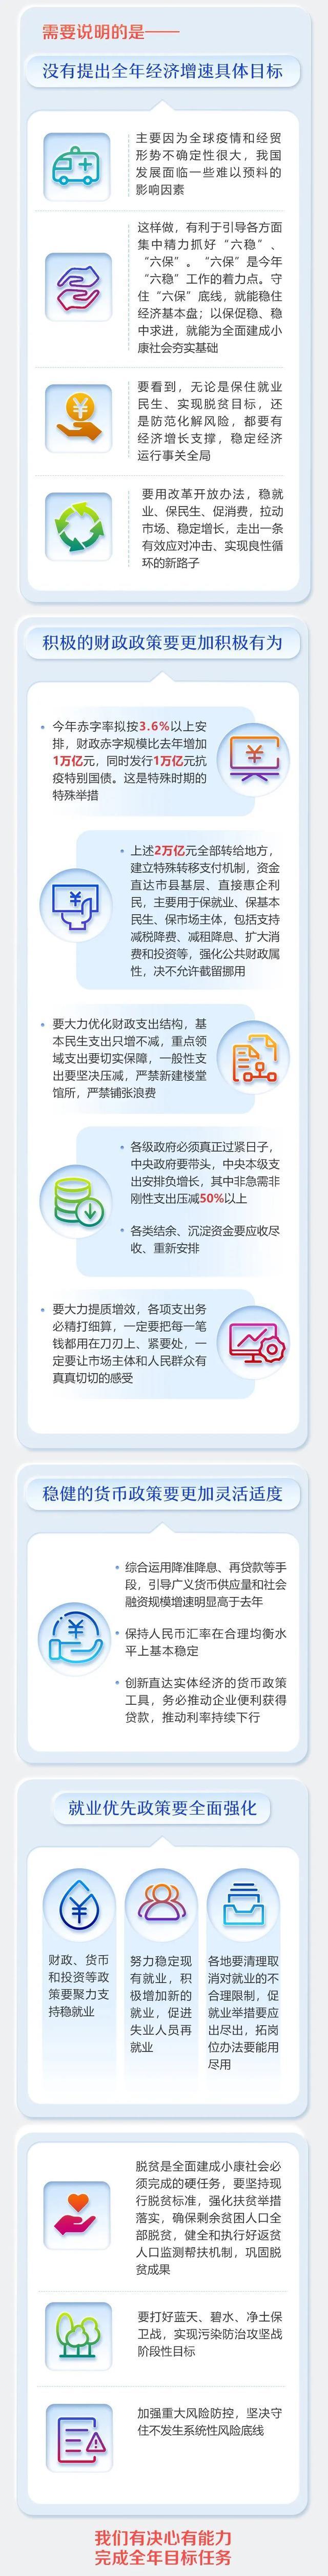 """政府部门工作总结报告三次谈及""""湖南长沙"""",执行好适用湖北省发展趋势一揽子现行政策 第9张"""